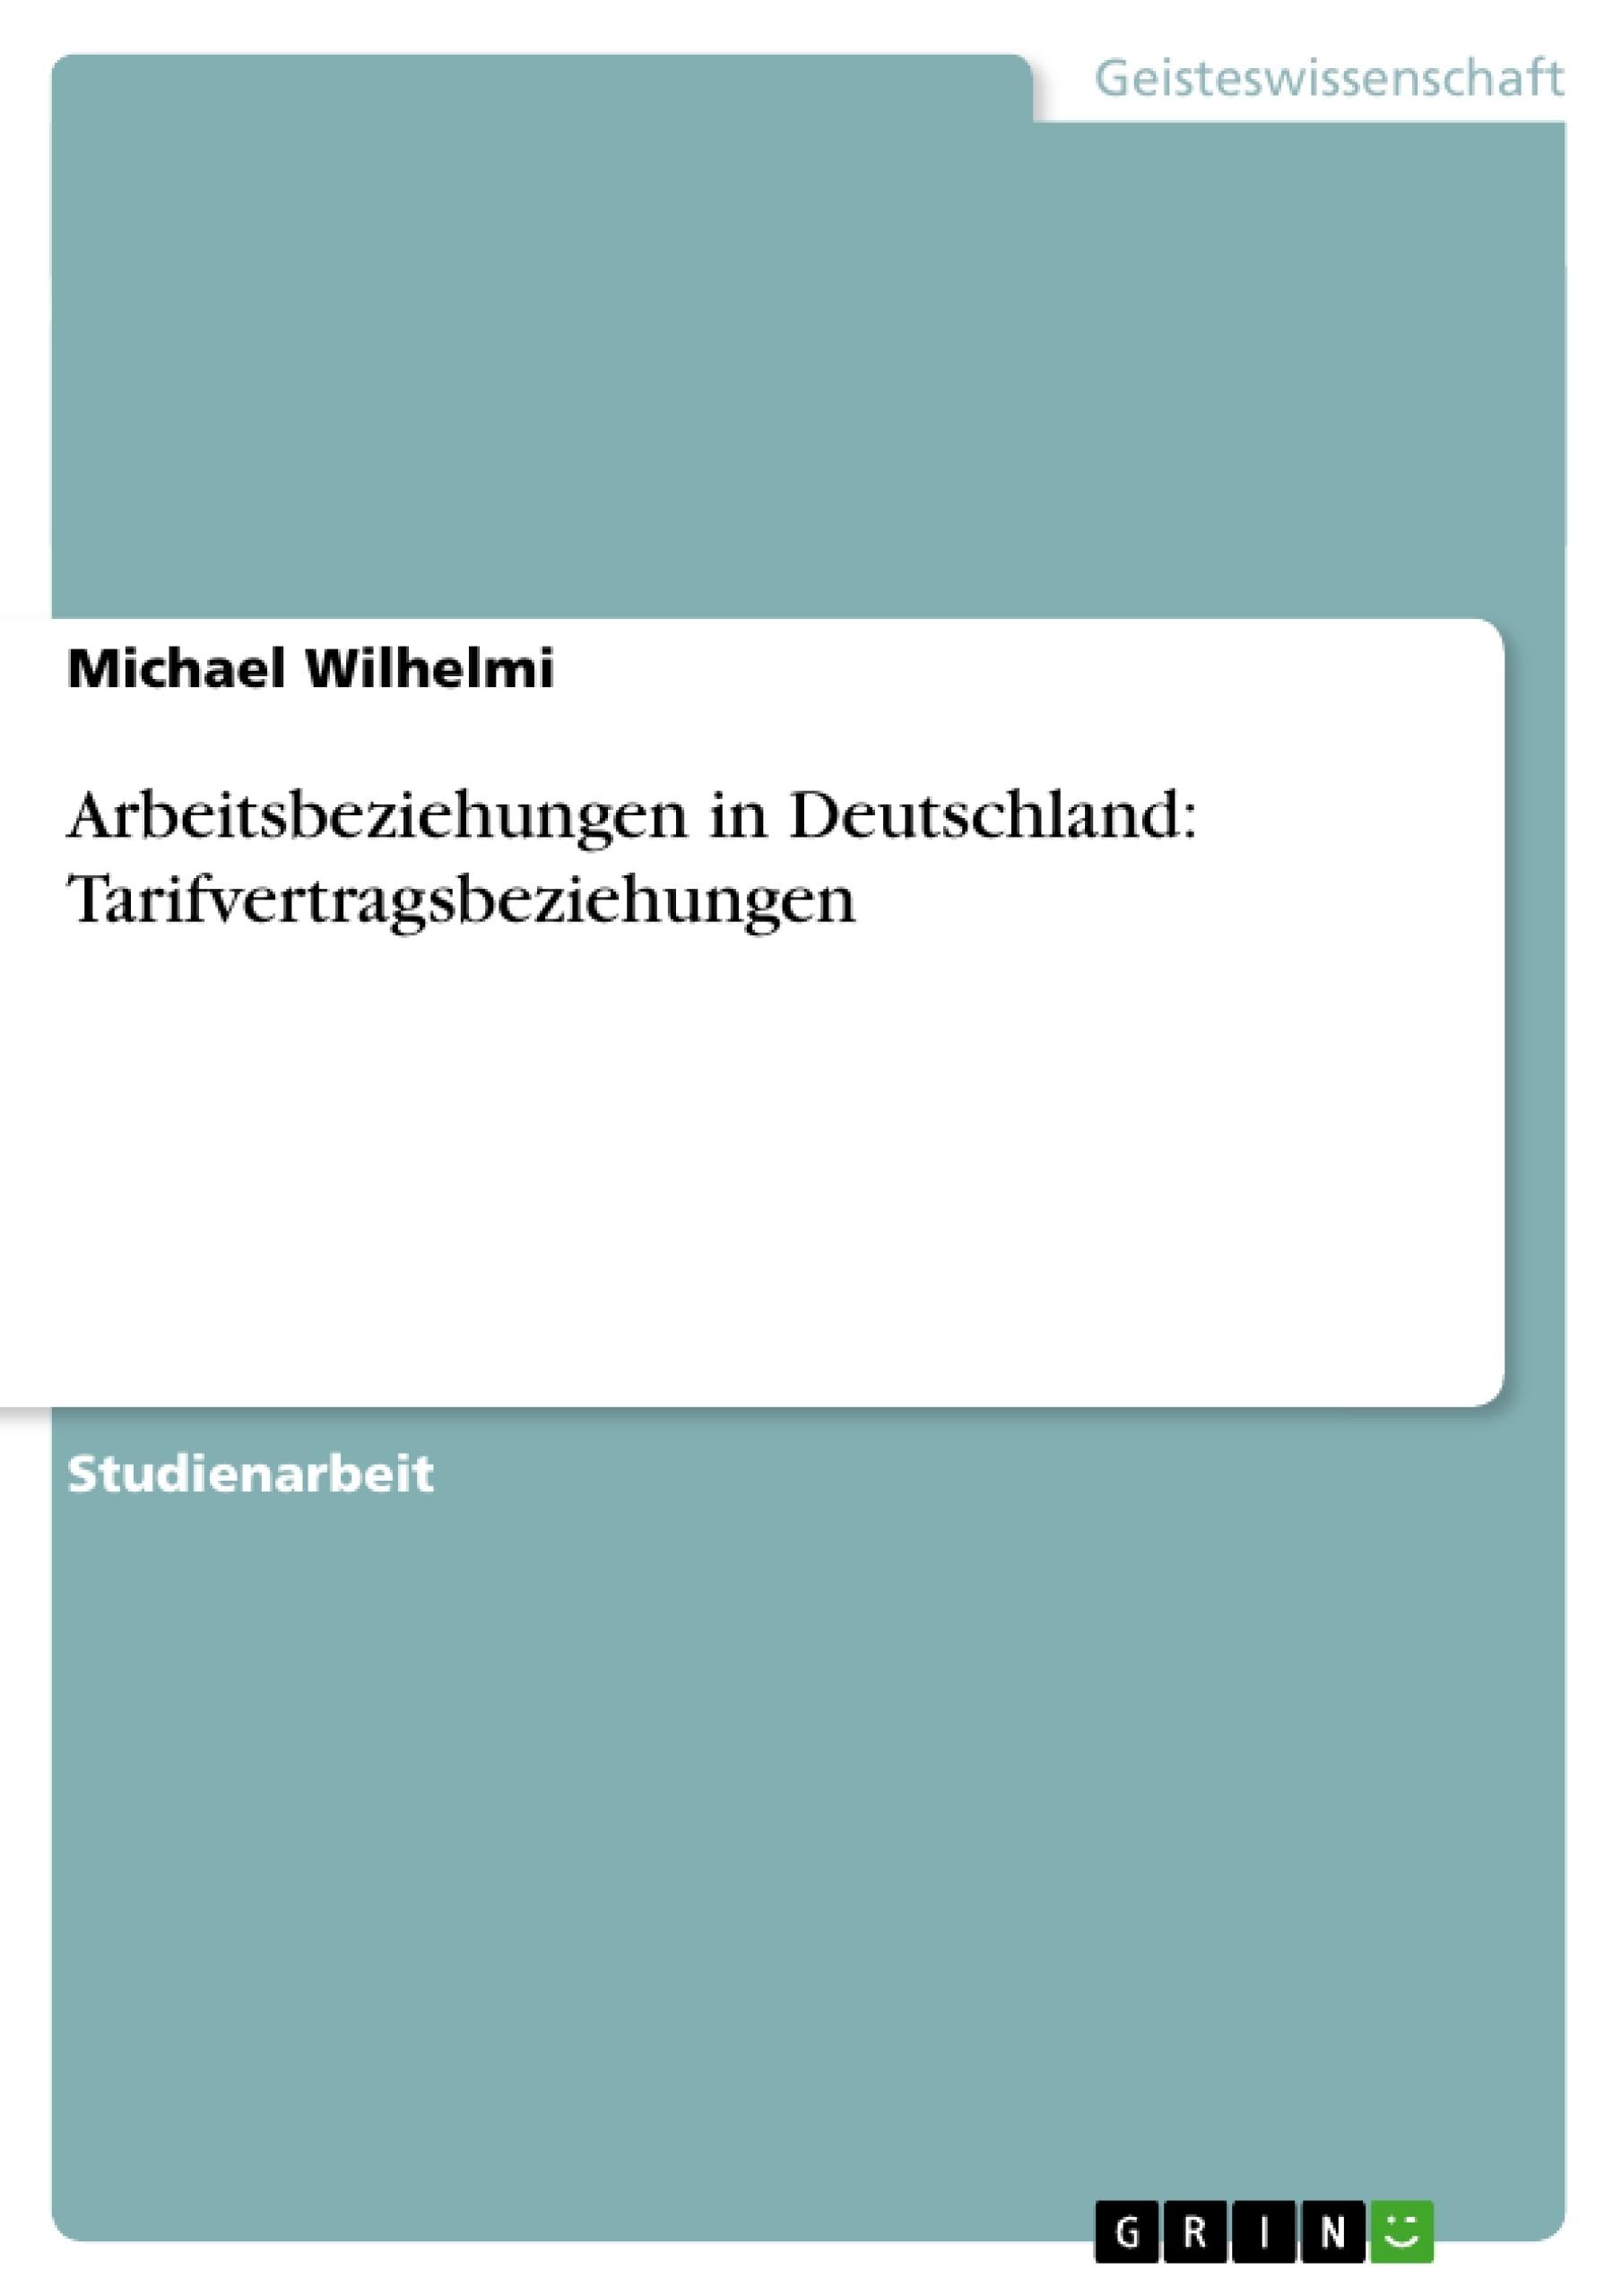 Titel: Arbeitsbeziehungen in Deutschland: Tarifvertragsbeziehungen